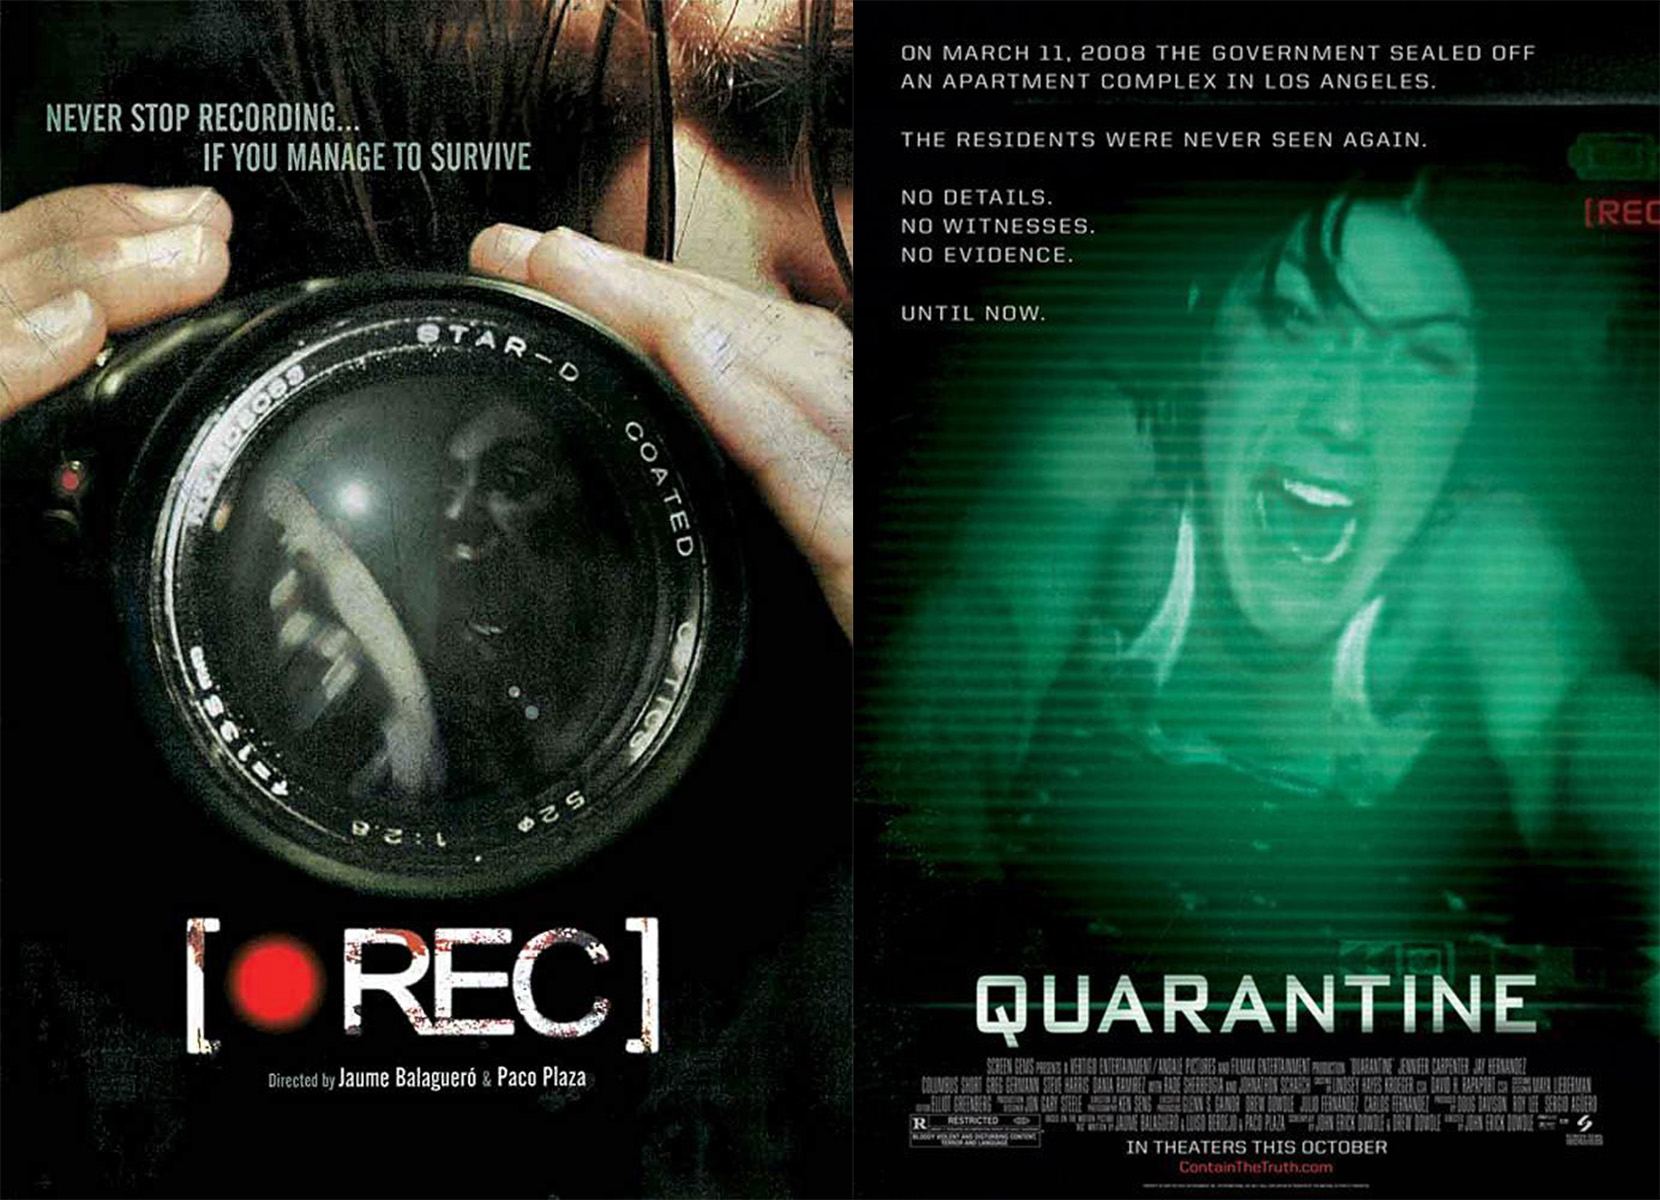 REC Q sbs.jpg